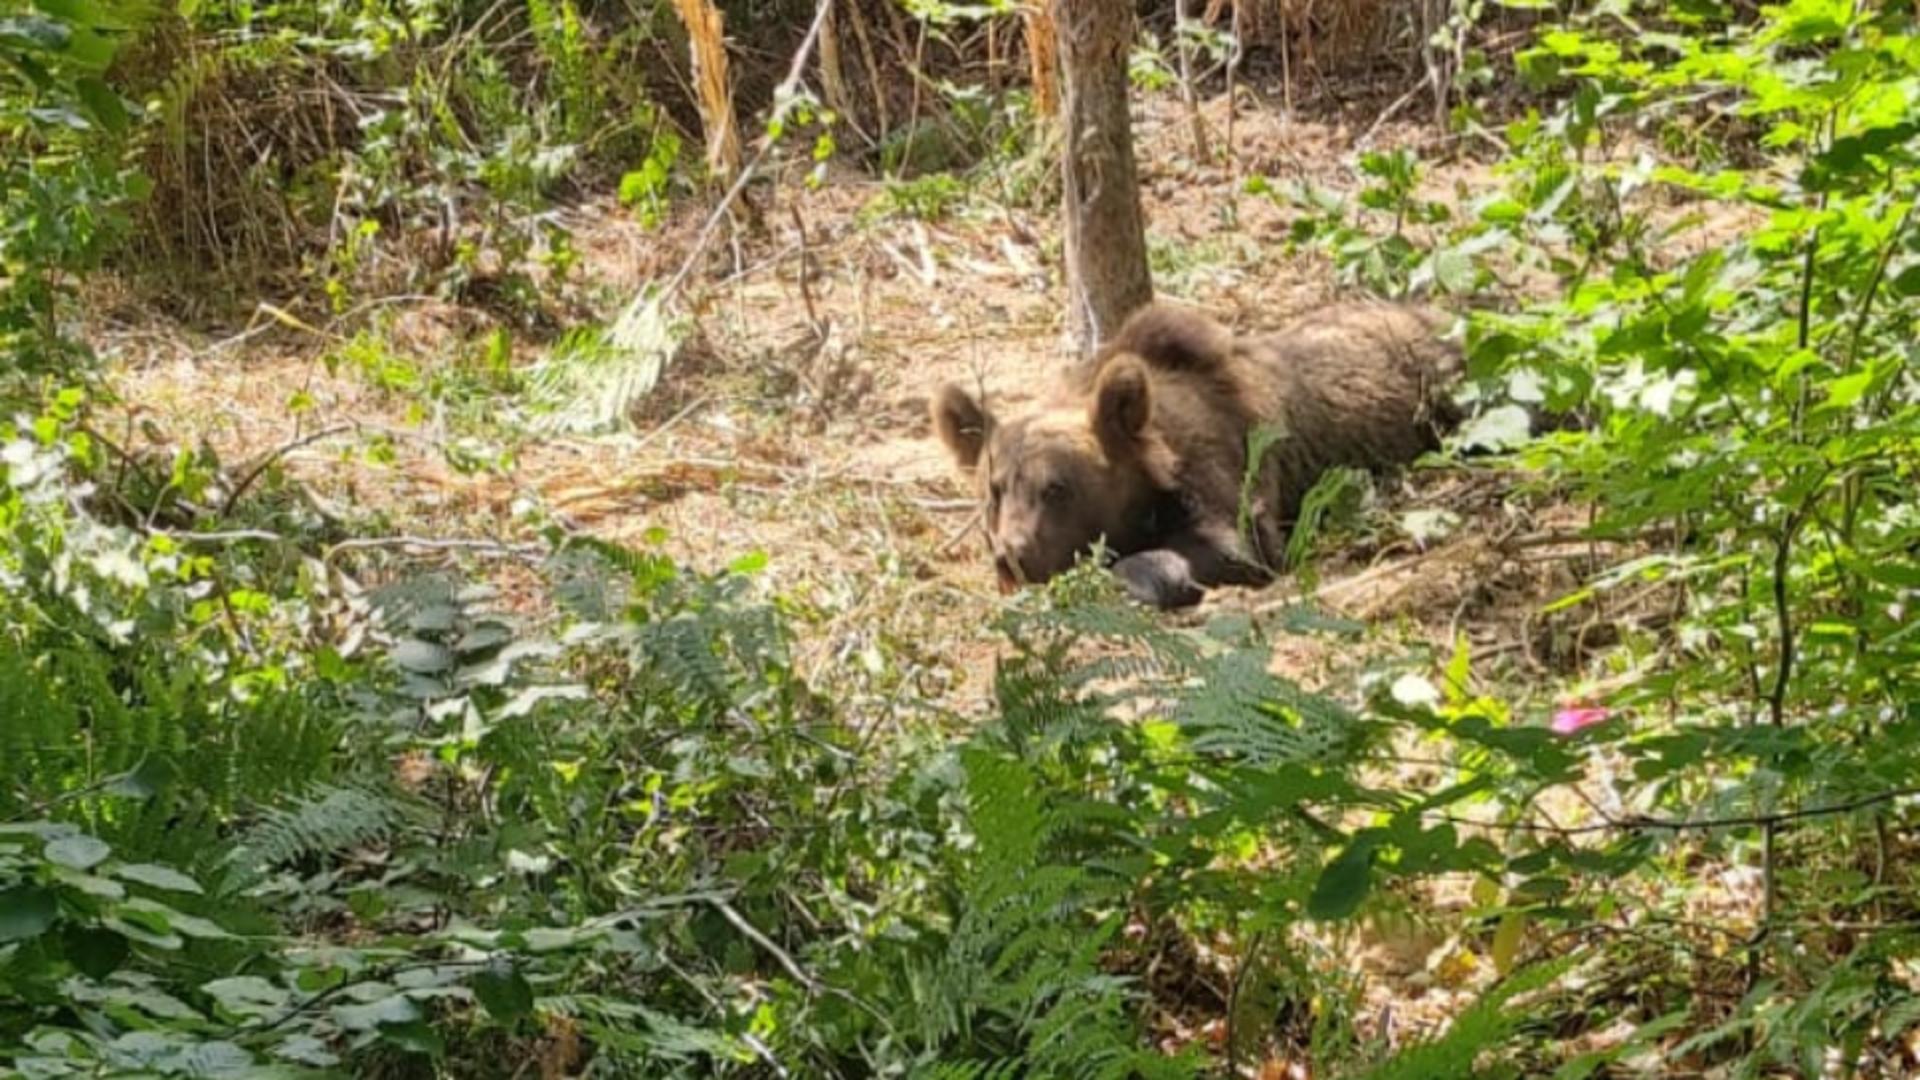 Urs legat de un copac, în pădure